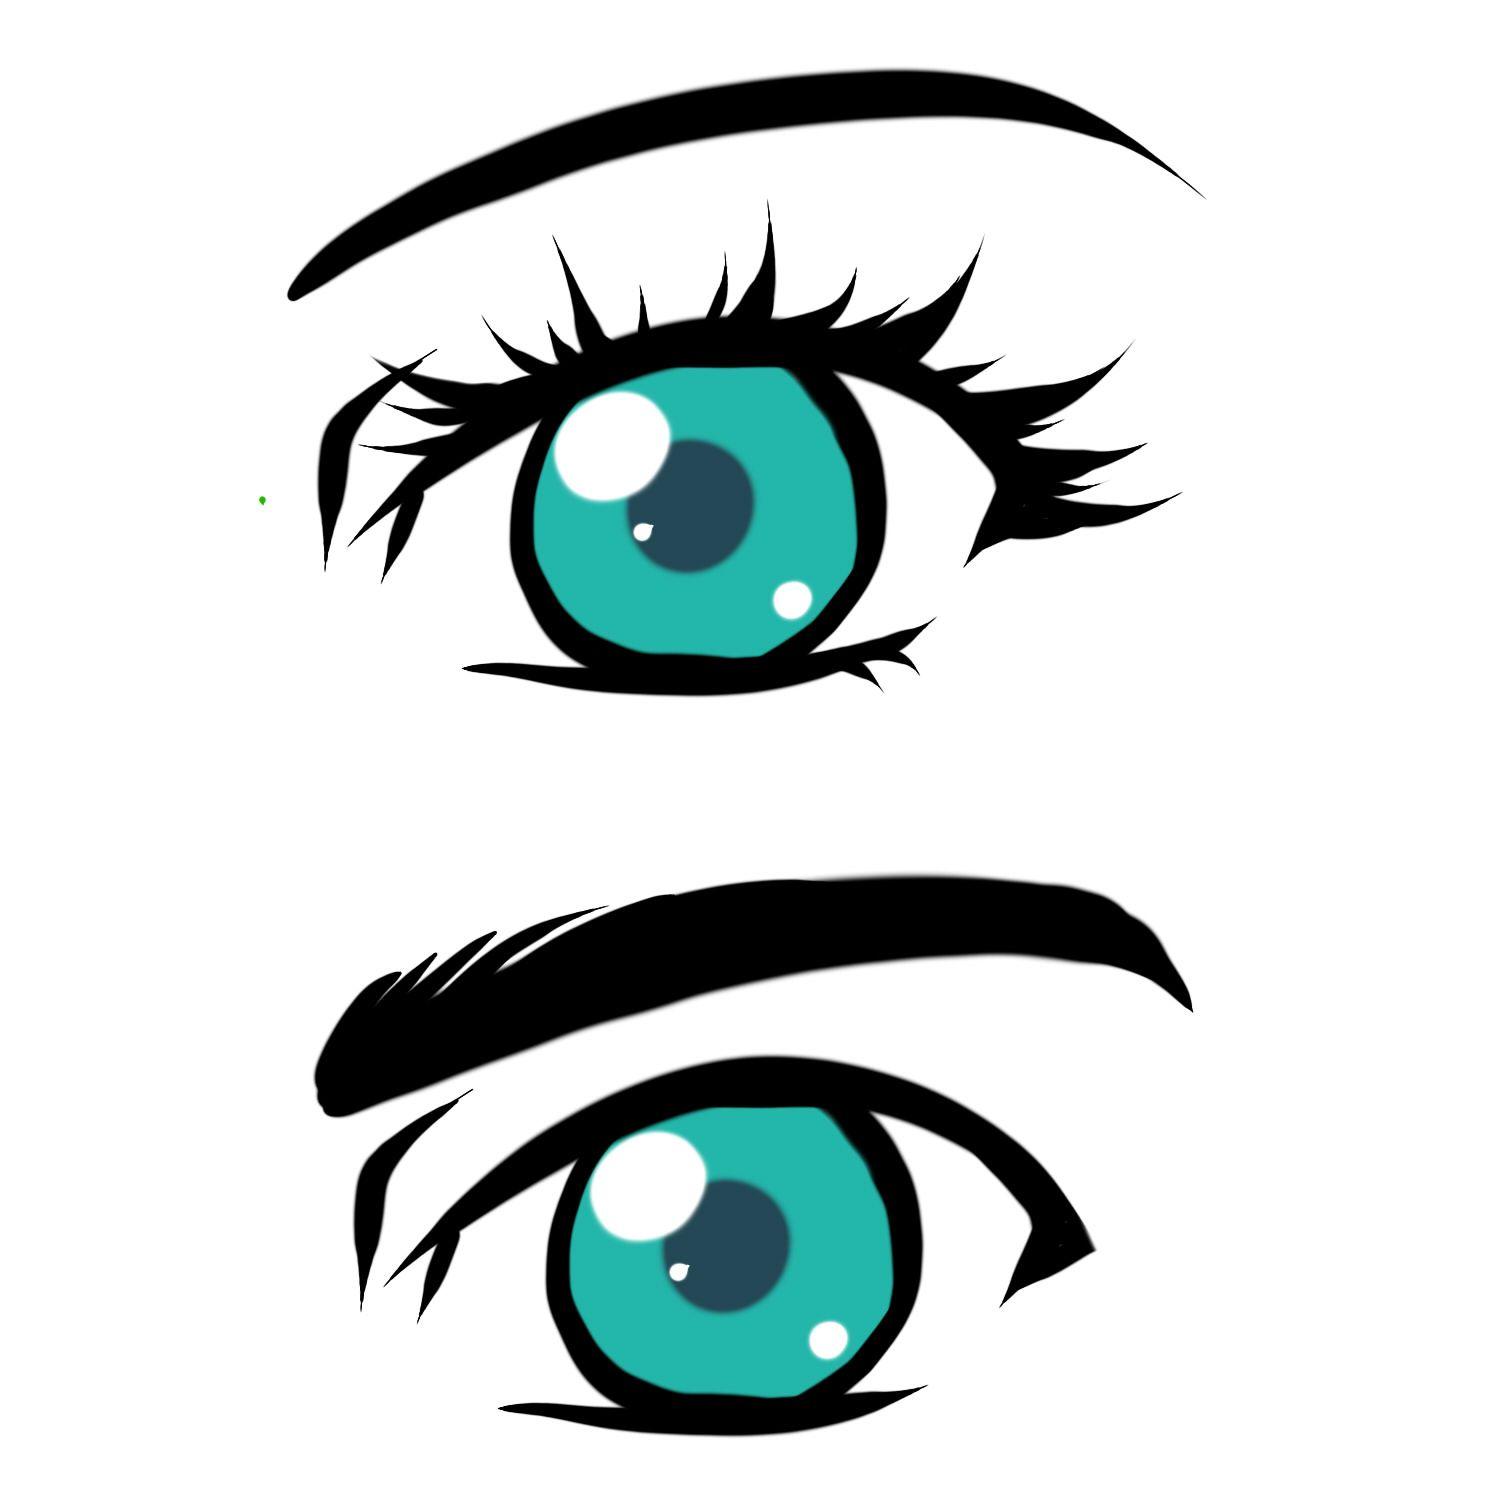 Adding Style To Manga Anime Eyes Letraset Blog Creative Opportunities Anime Eyes Manga Eyes Anime Art Fantasy